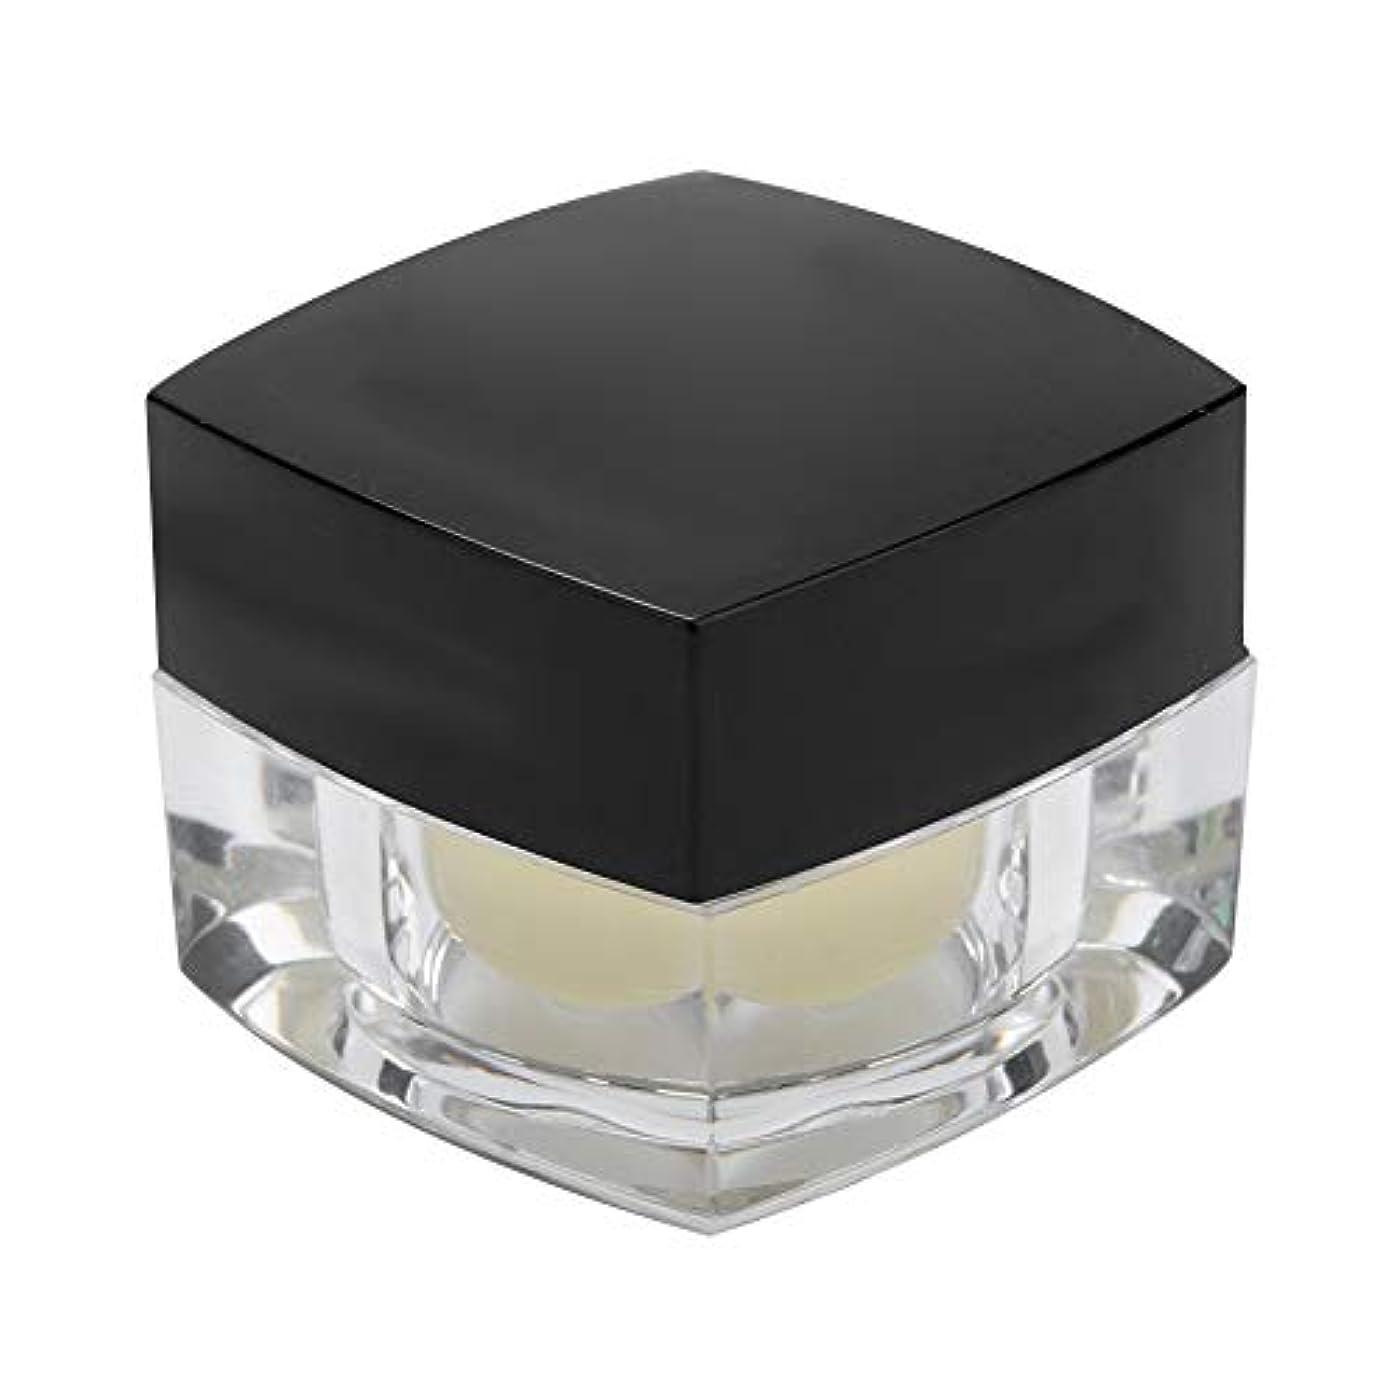 素晴らしき軽く引数まつげエクステンション接着剤リムーバー、つけまつげクリーム非刺激性まつげグラフトゲル除去クリーム - 5g